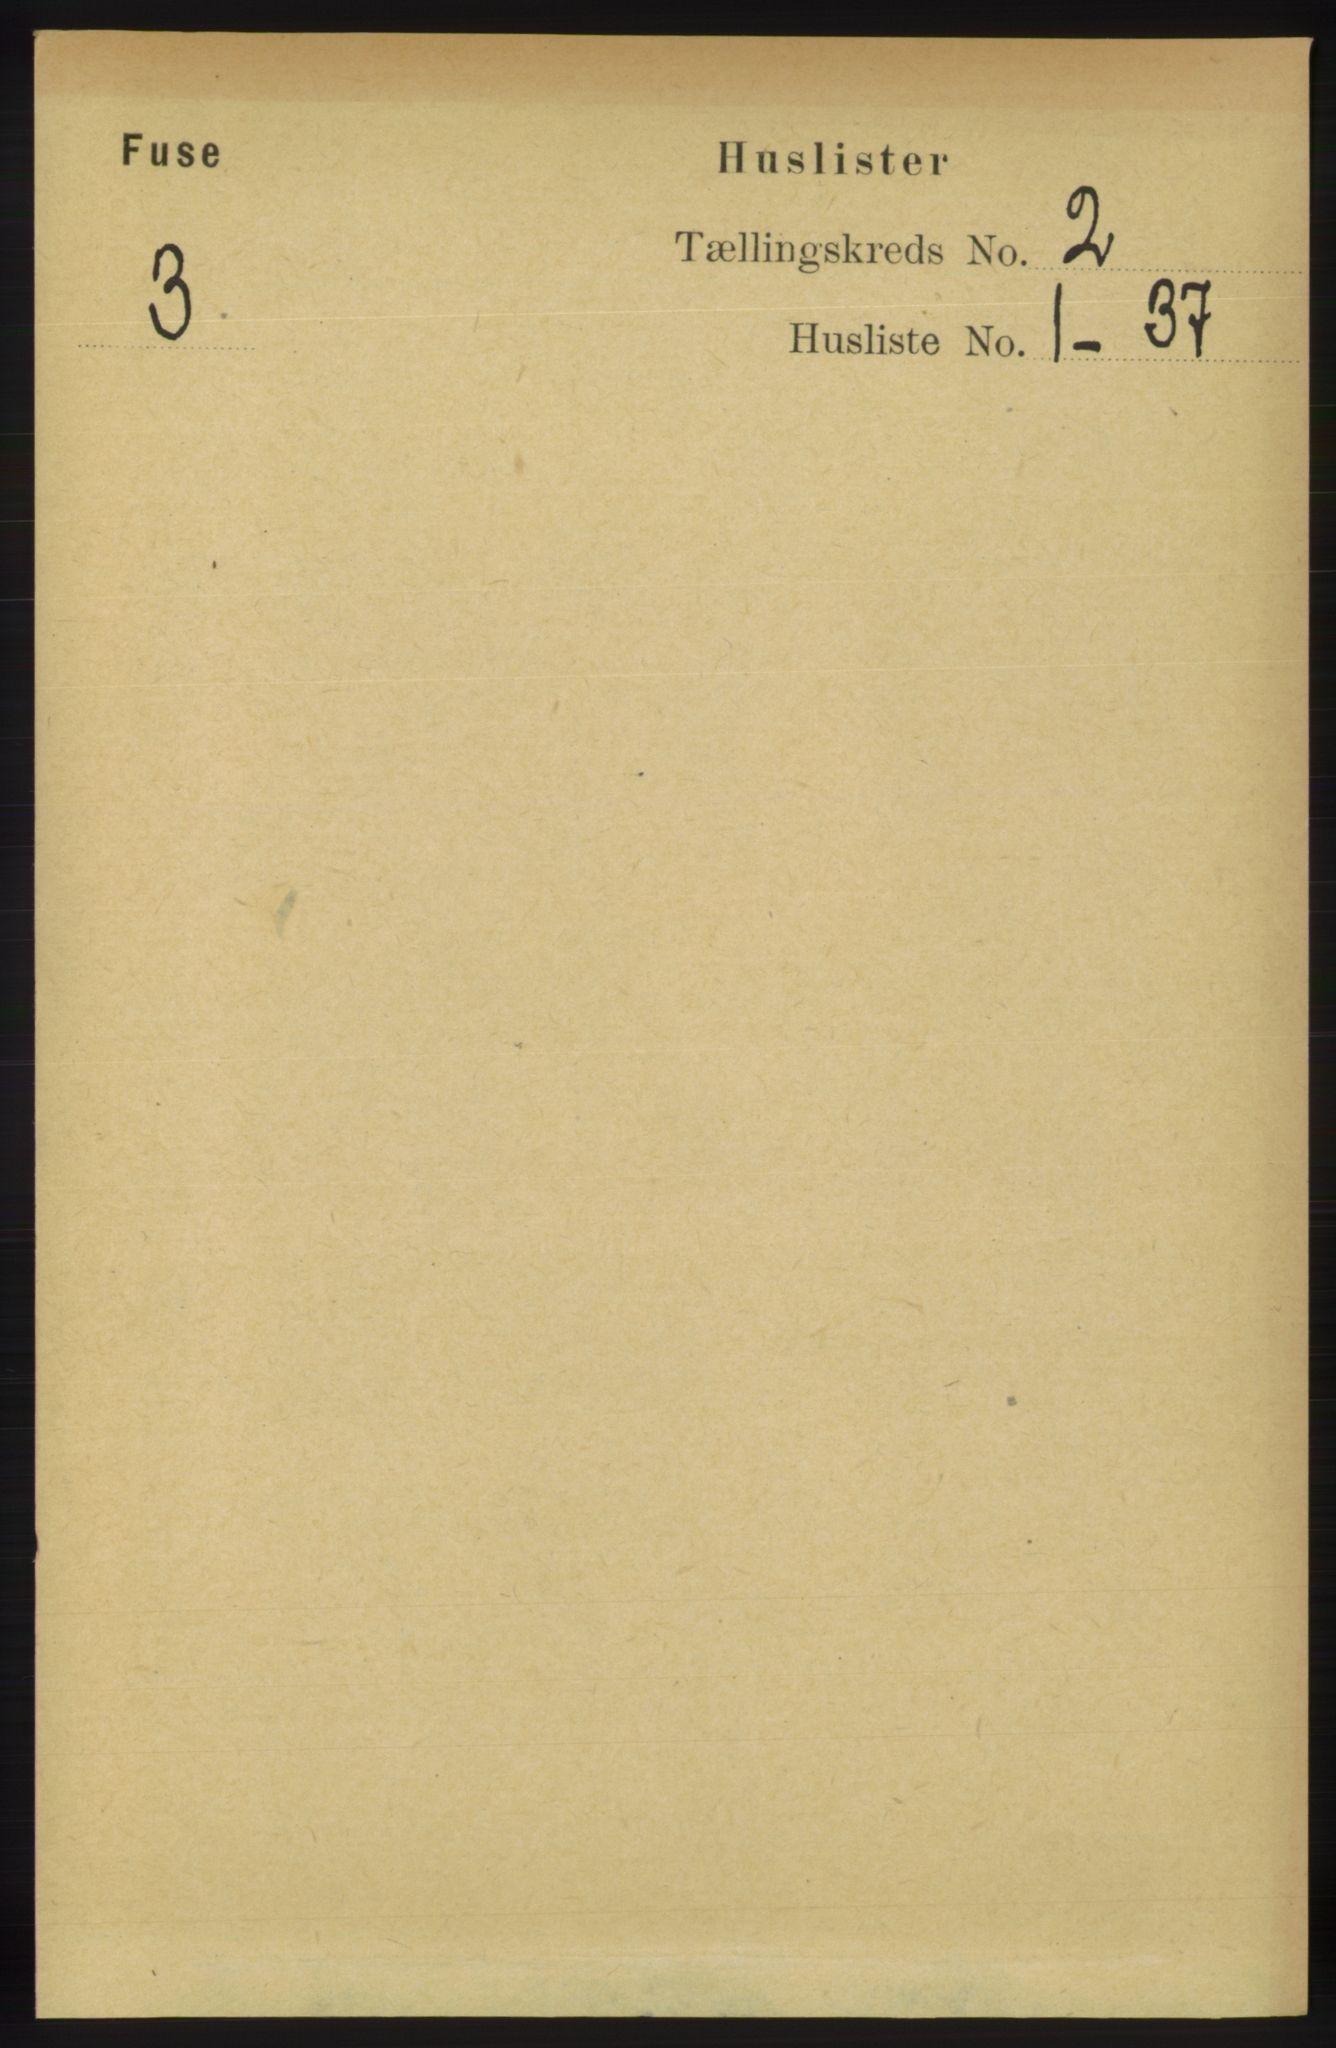 RA, Folketelling 1891 for 1241 Fusa herred, 1891, s. 264